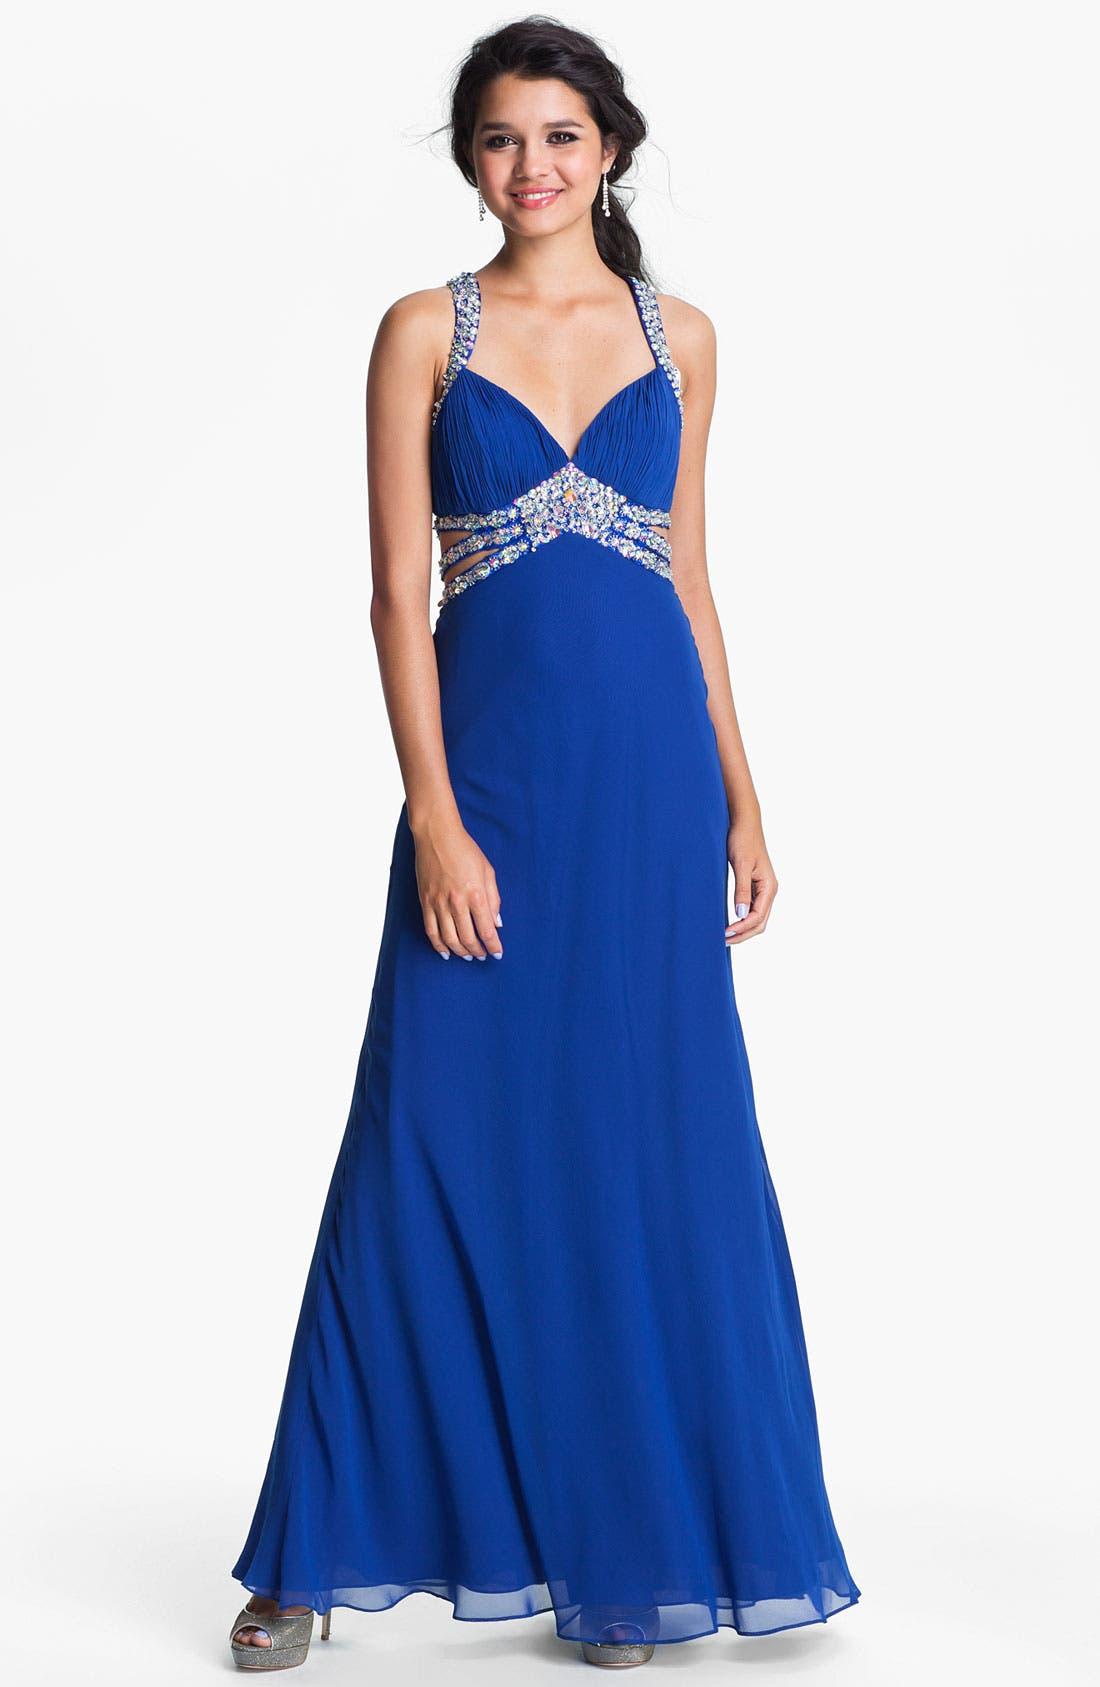 Main Image - Faviana Beaded Halter Chiffon Dress (Online Only)